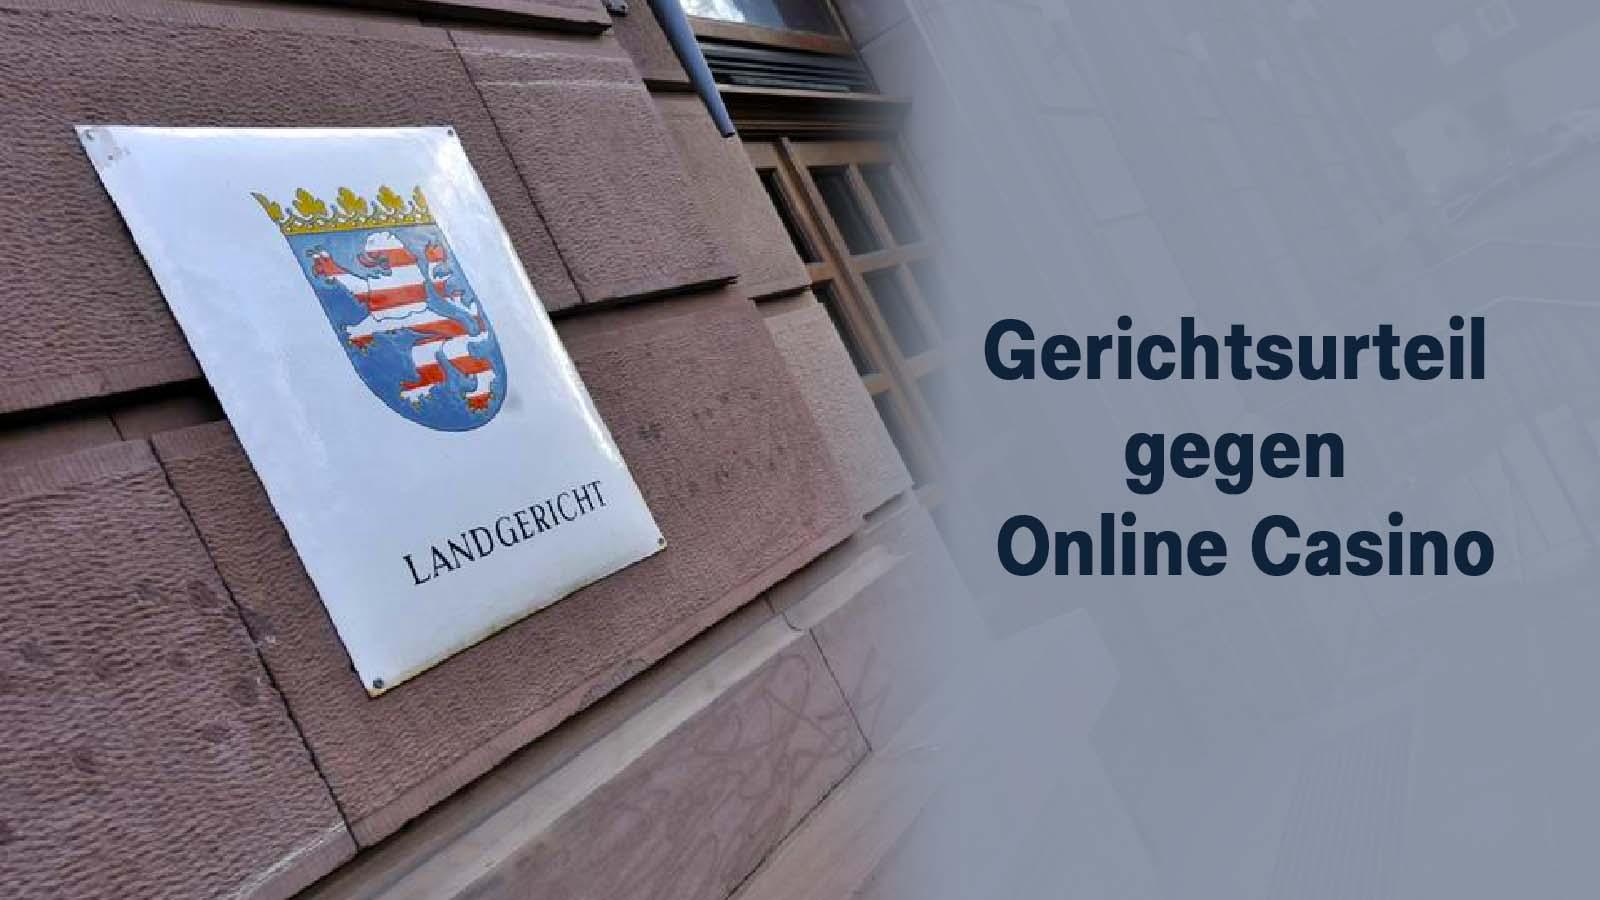 Gerichtsurteil gegen Online Casino